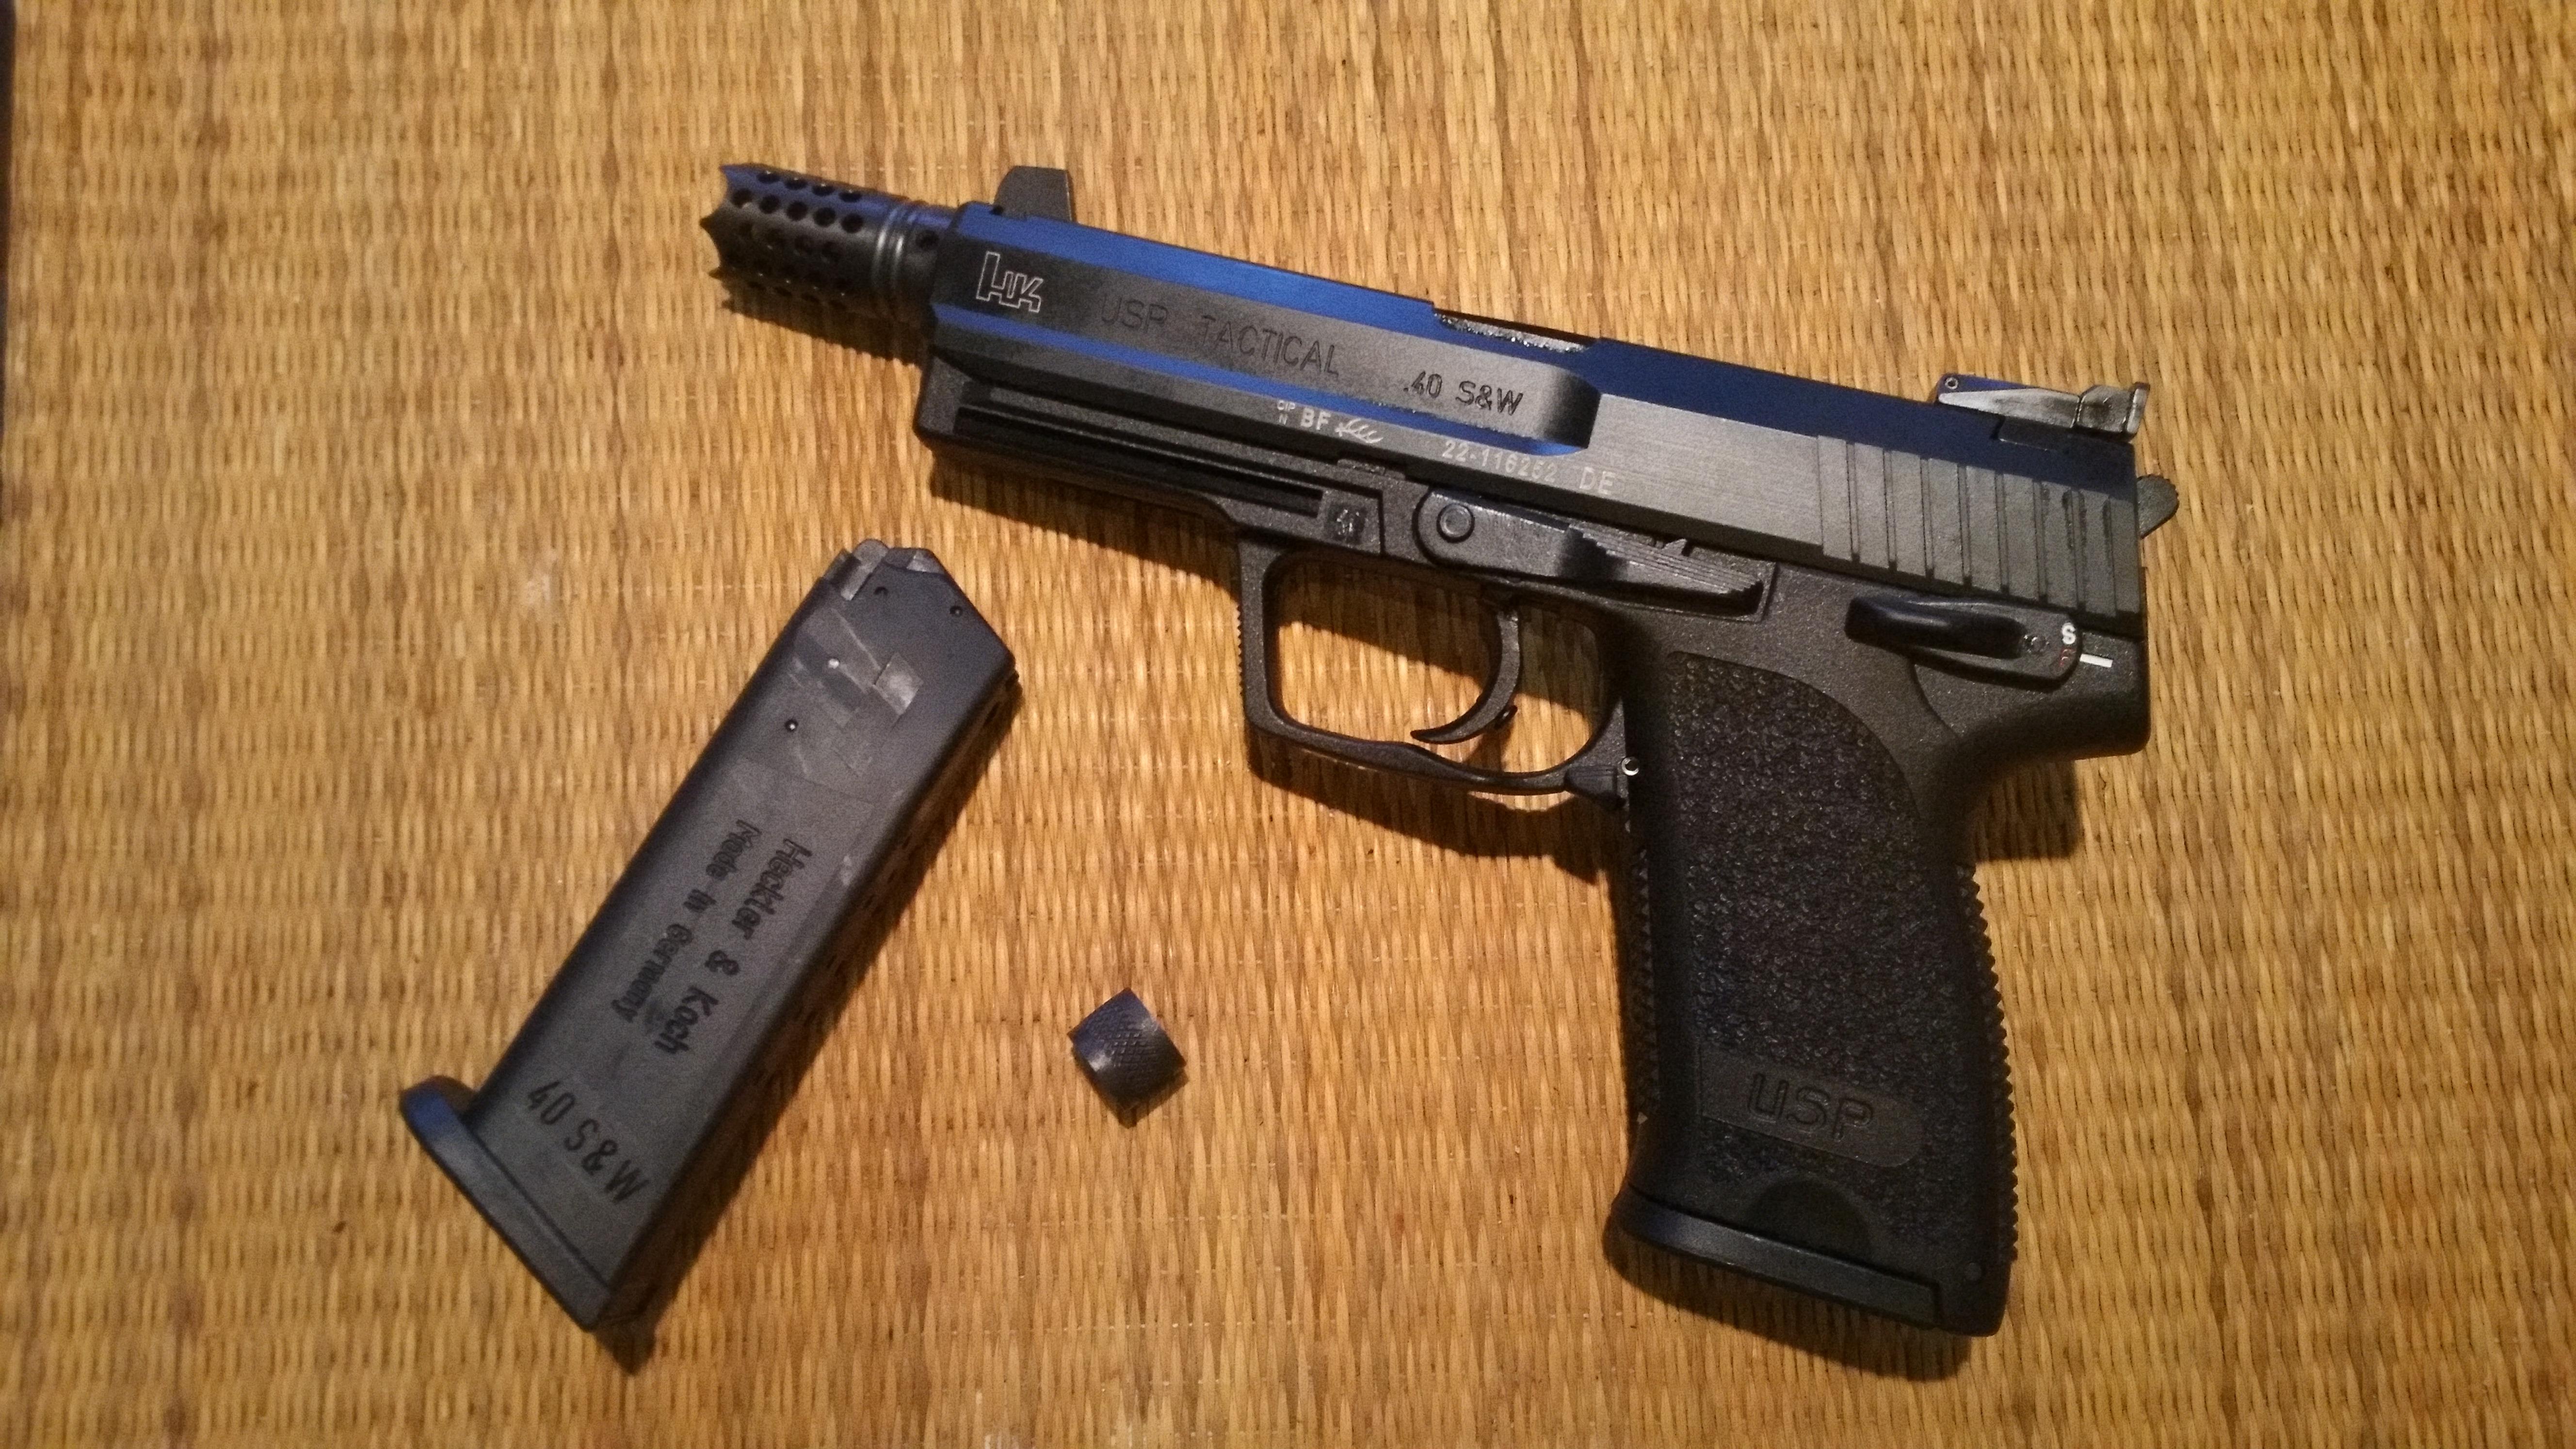 .40 S&W, Which HK Pistol?-20170314_191245_001.jpg